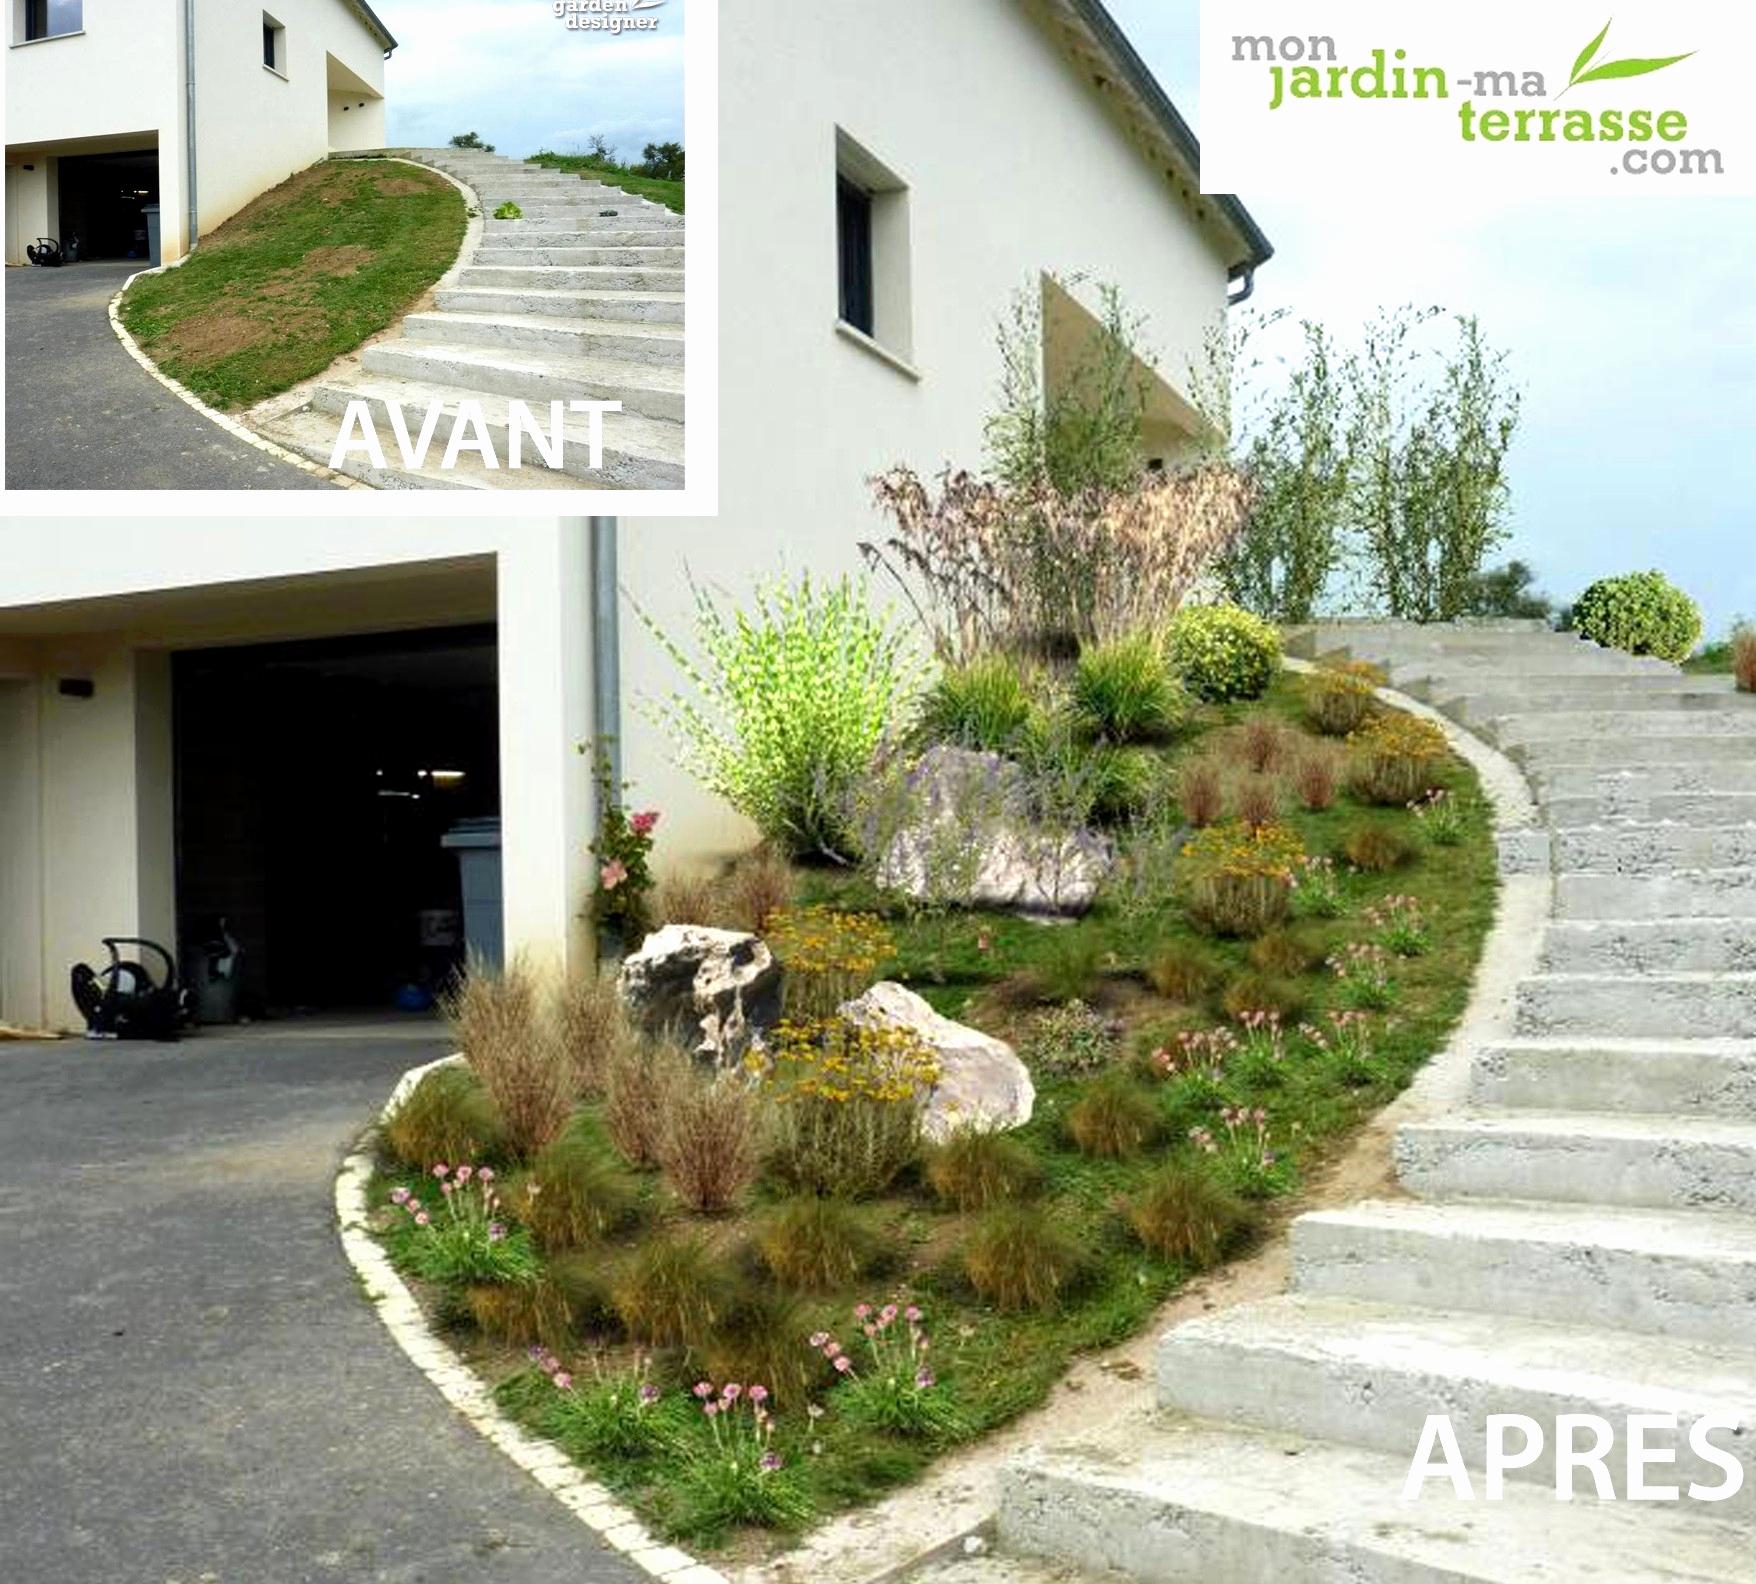 Logiciel Gratuit Paysagiste Impressionnant Stock Architecture 3d Gratuit Luxe Maison Jardin Et Terrasse 3d Maison